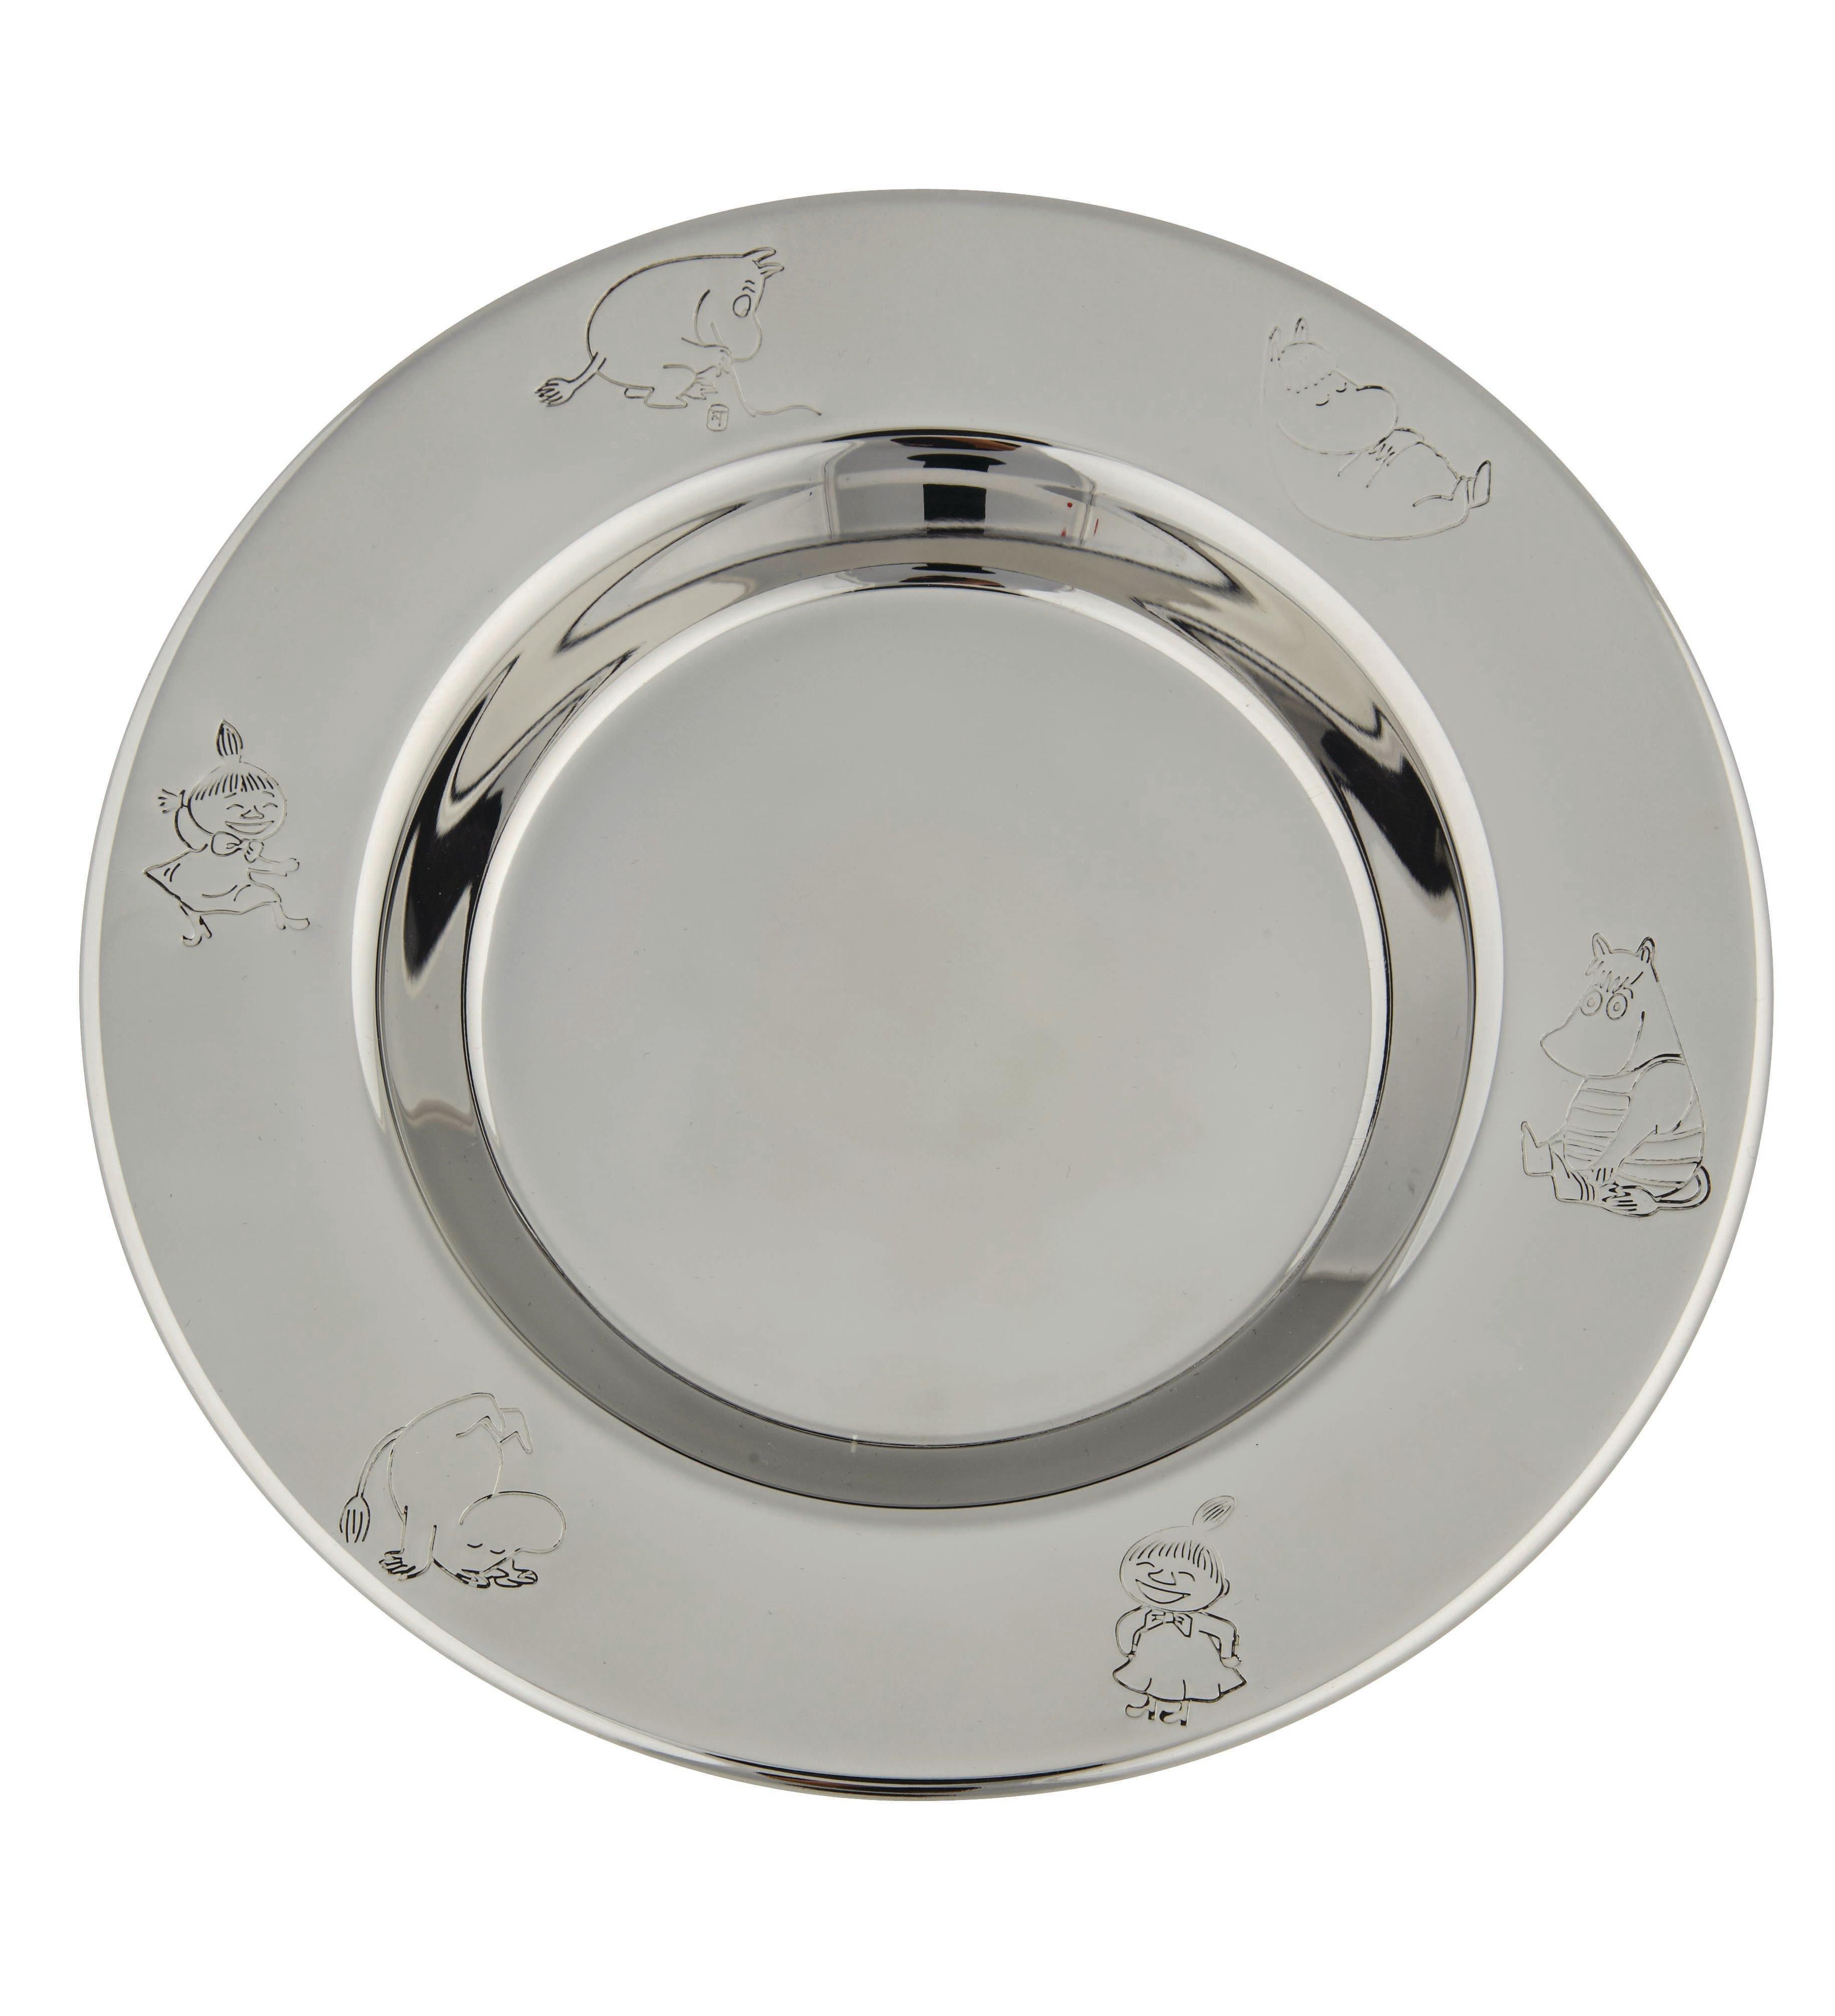 Nordahl Plate, Moomin - Stainless steel